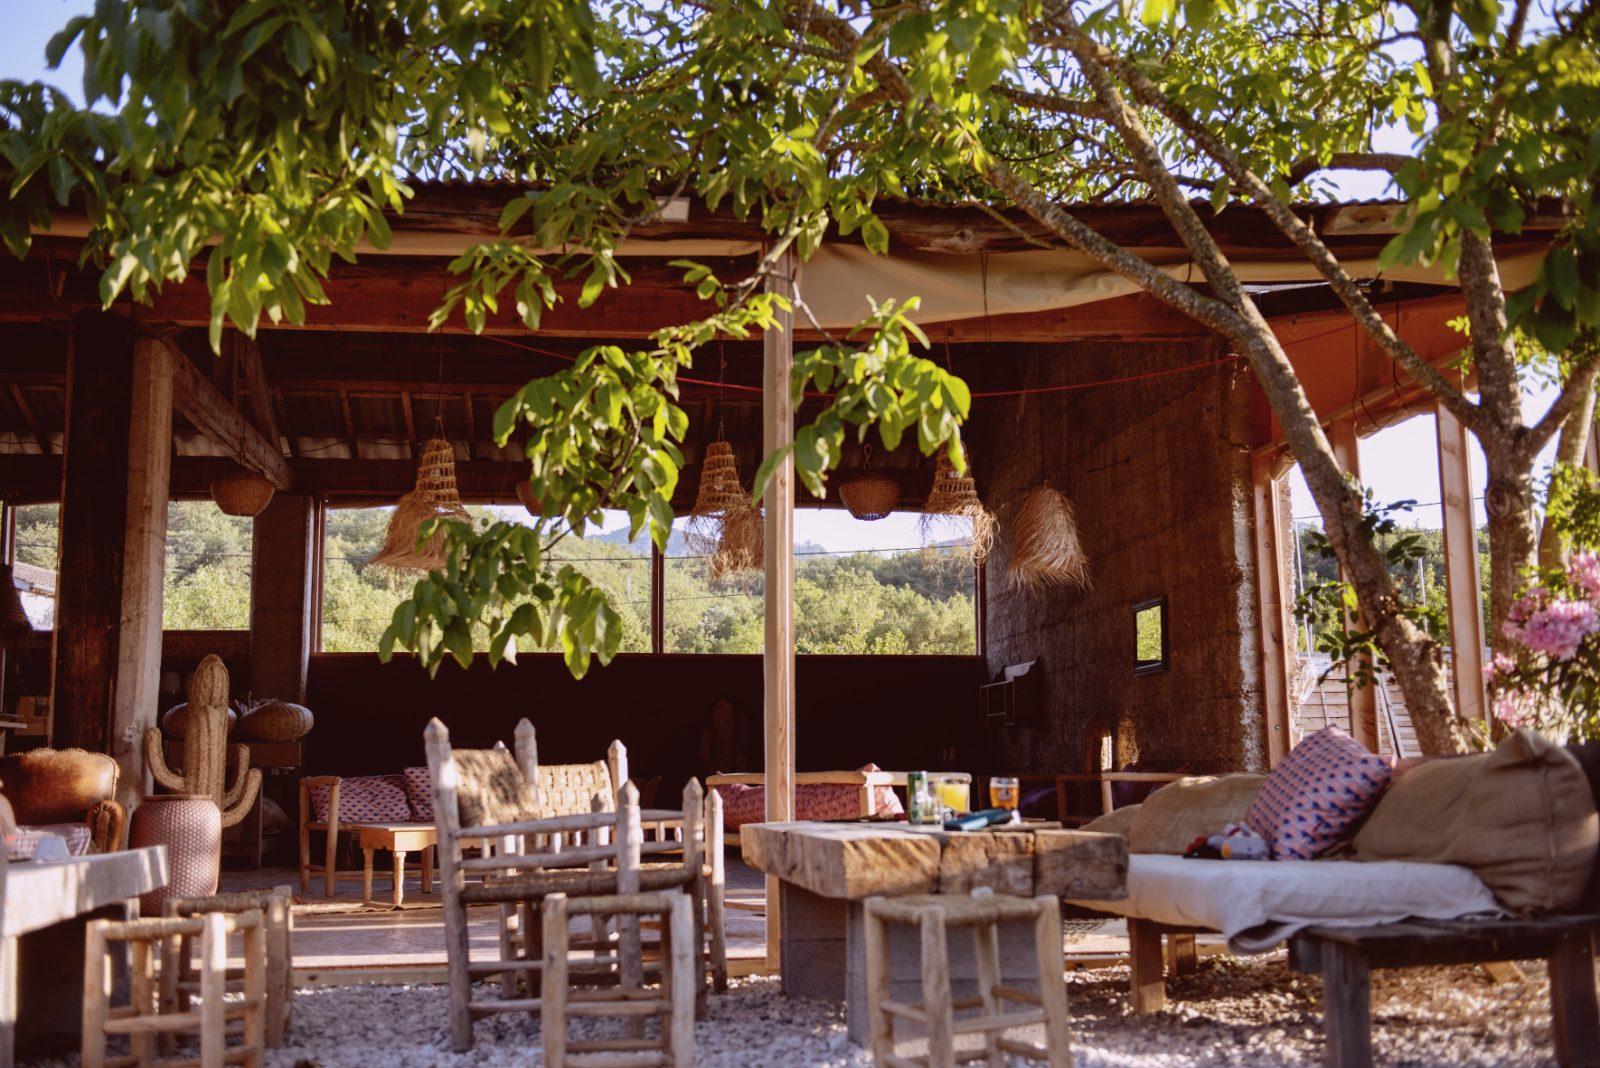 Les Chamberts Camping et Lodges -Drôme- Le bar restaurant bohème chic